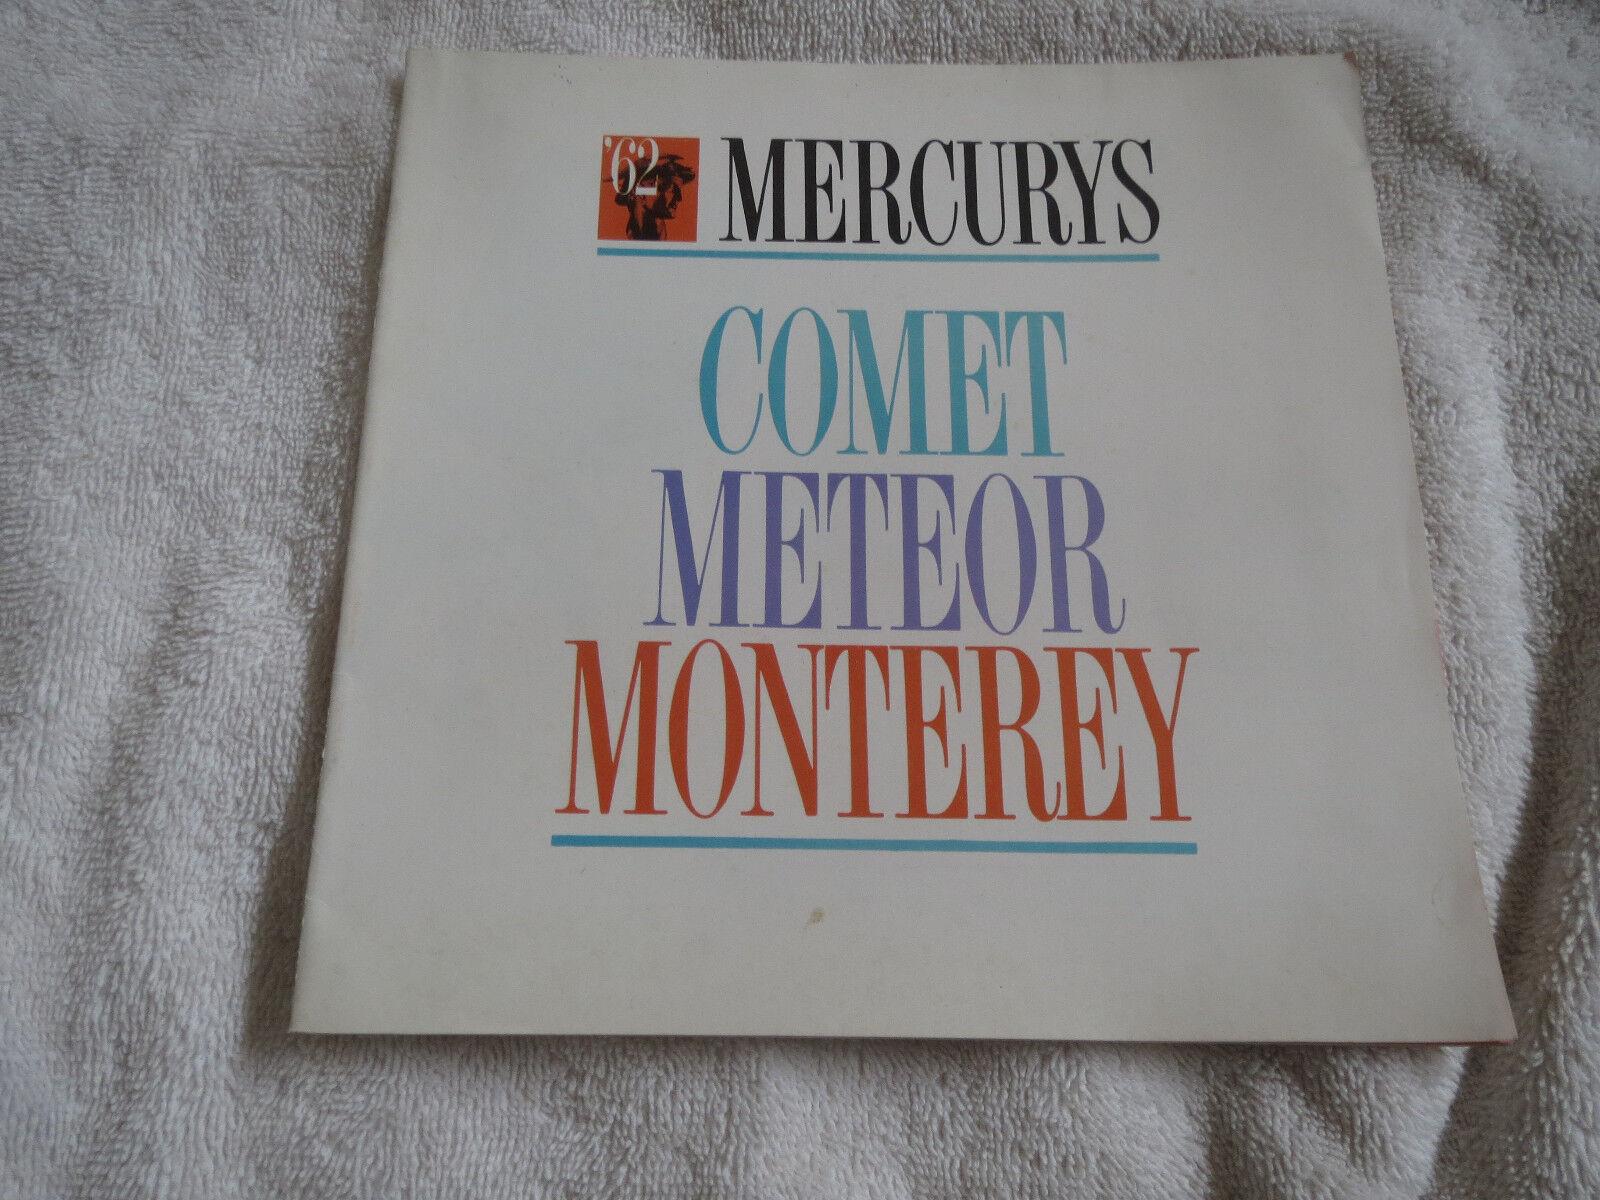 1962 MERCURY METEOR COMET MONTEREY INTRODUCTION DEALERSHIP SALES BROCHURE